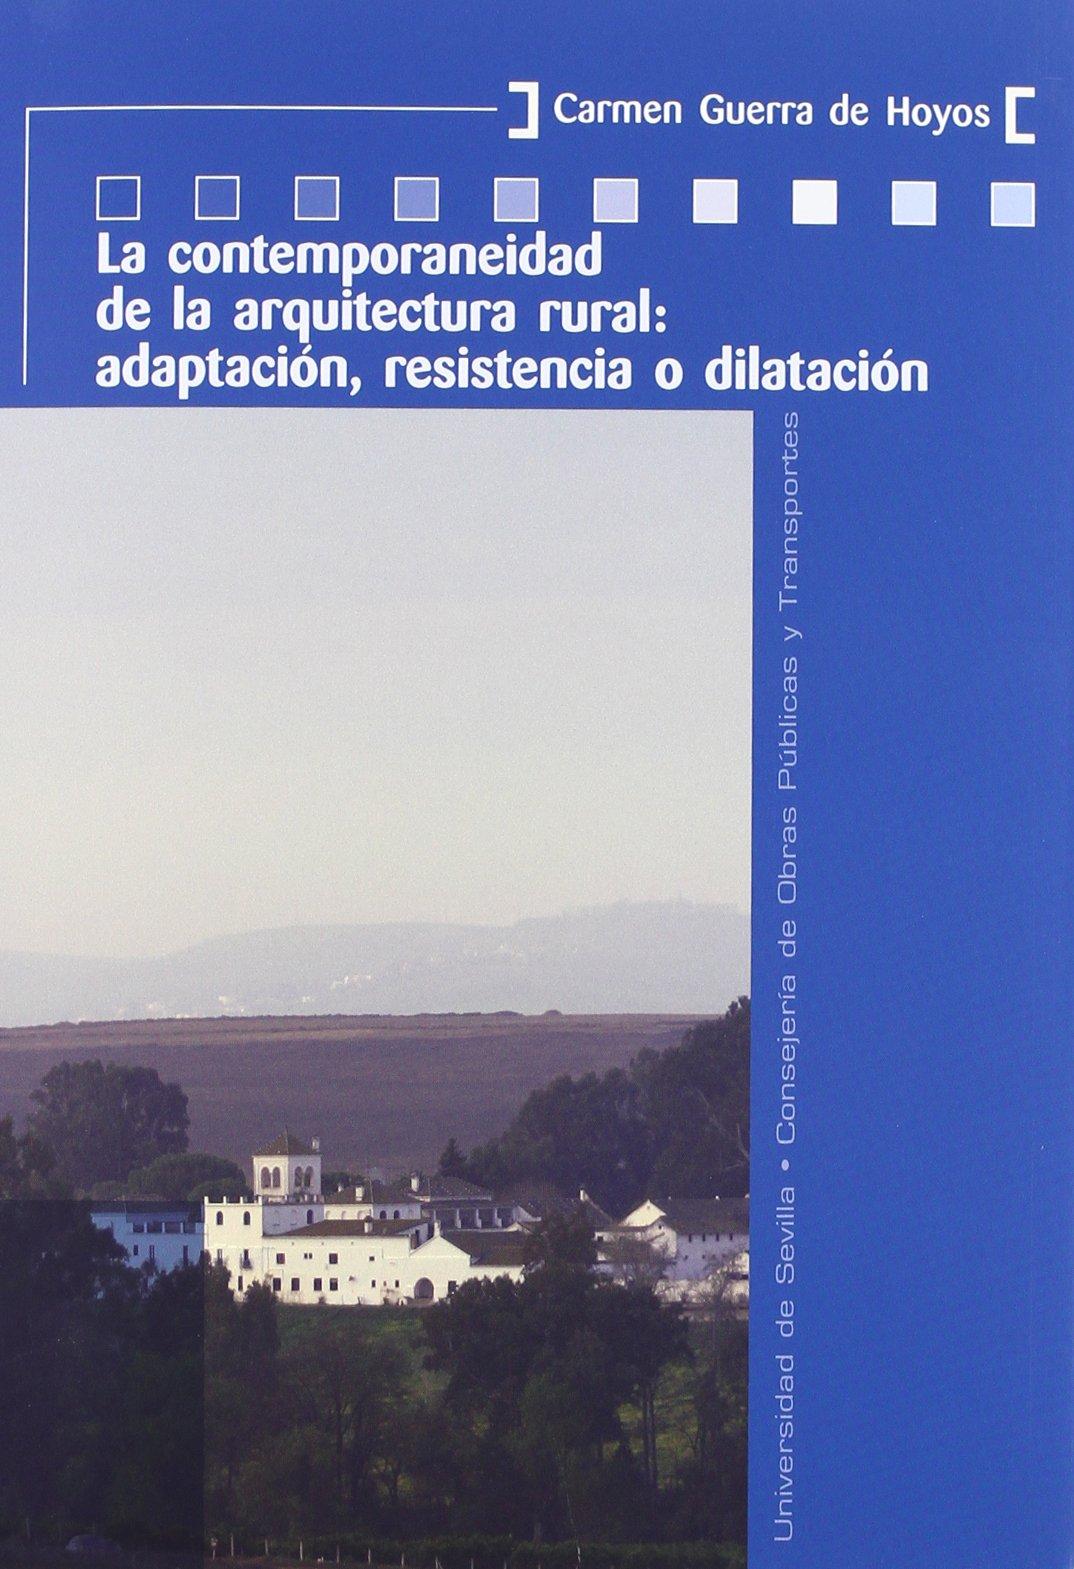 La contemporaneidad de la arquitectura rural/ The contemporary rural architecture: Adaptacion, Resistencia O Dilatacion/ Adaptation, Resistance or Dilation ...